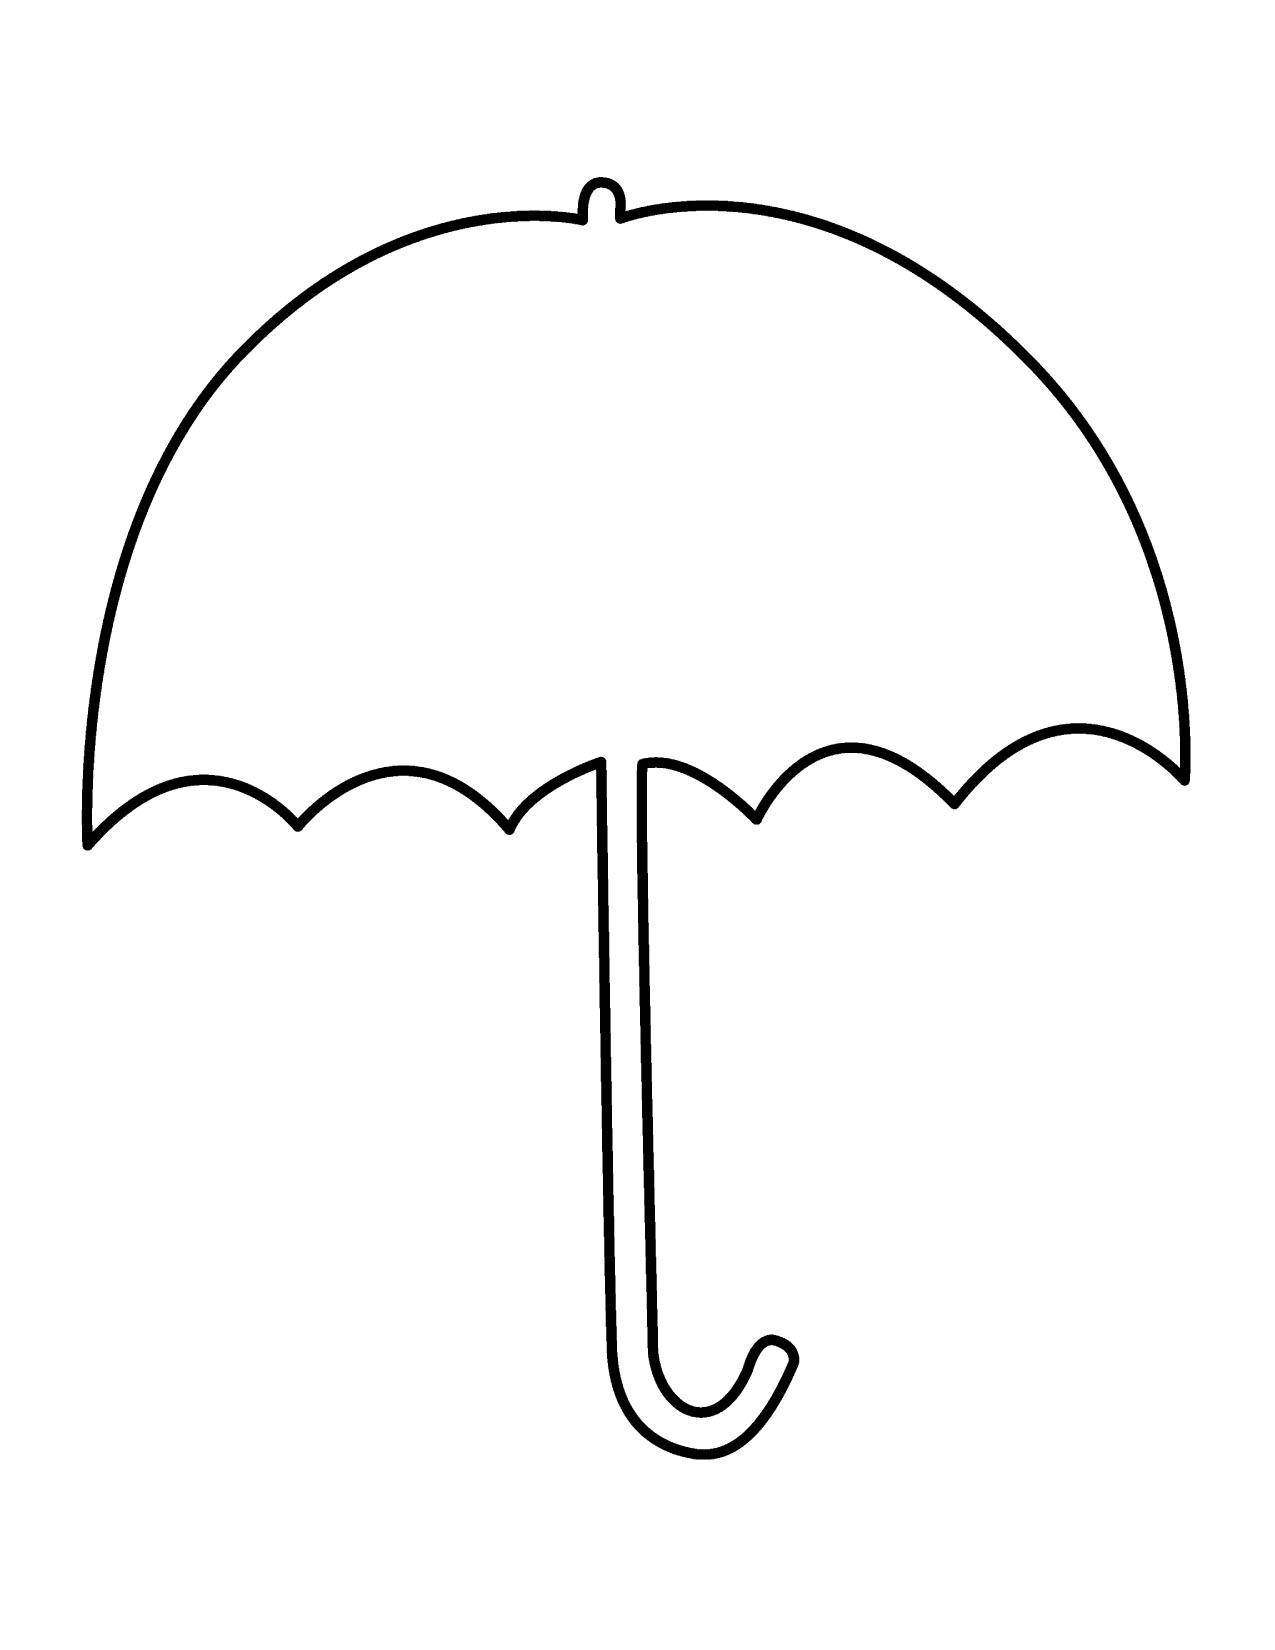 umbrella clipart | free download best umbrella clipart on clipartmag